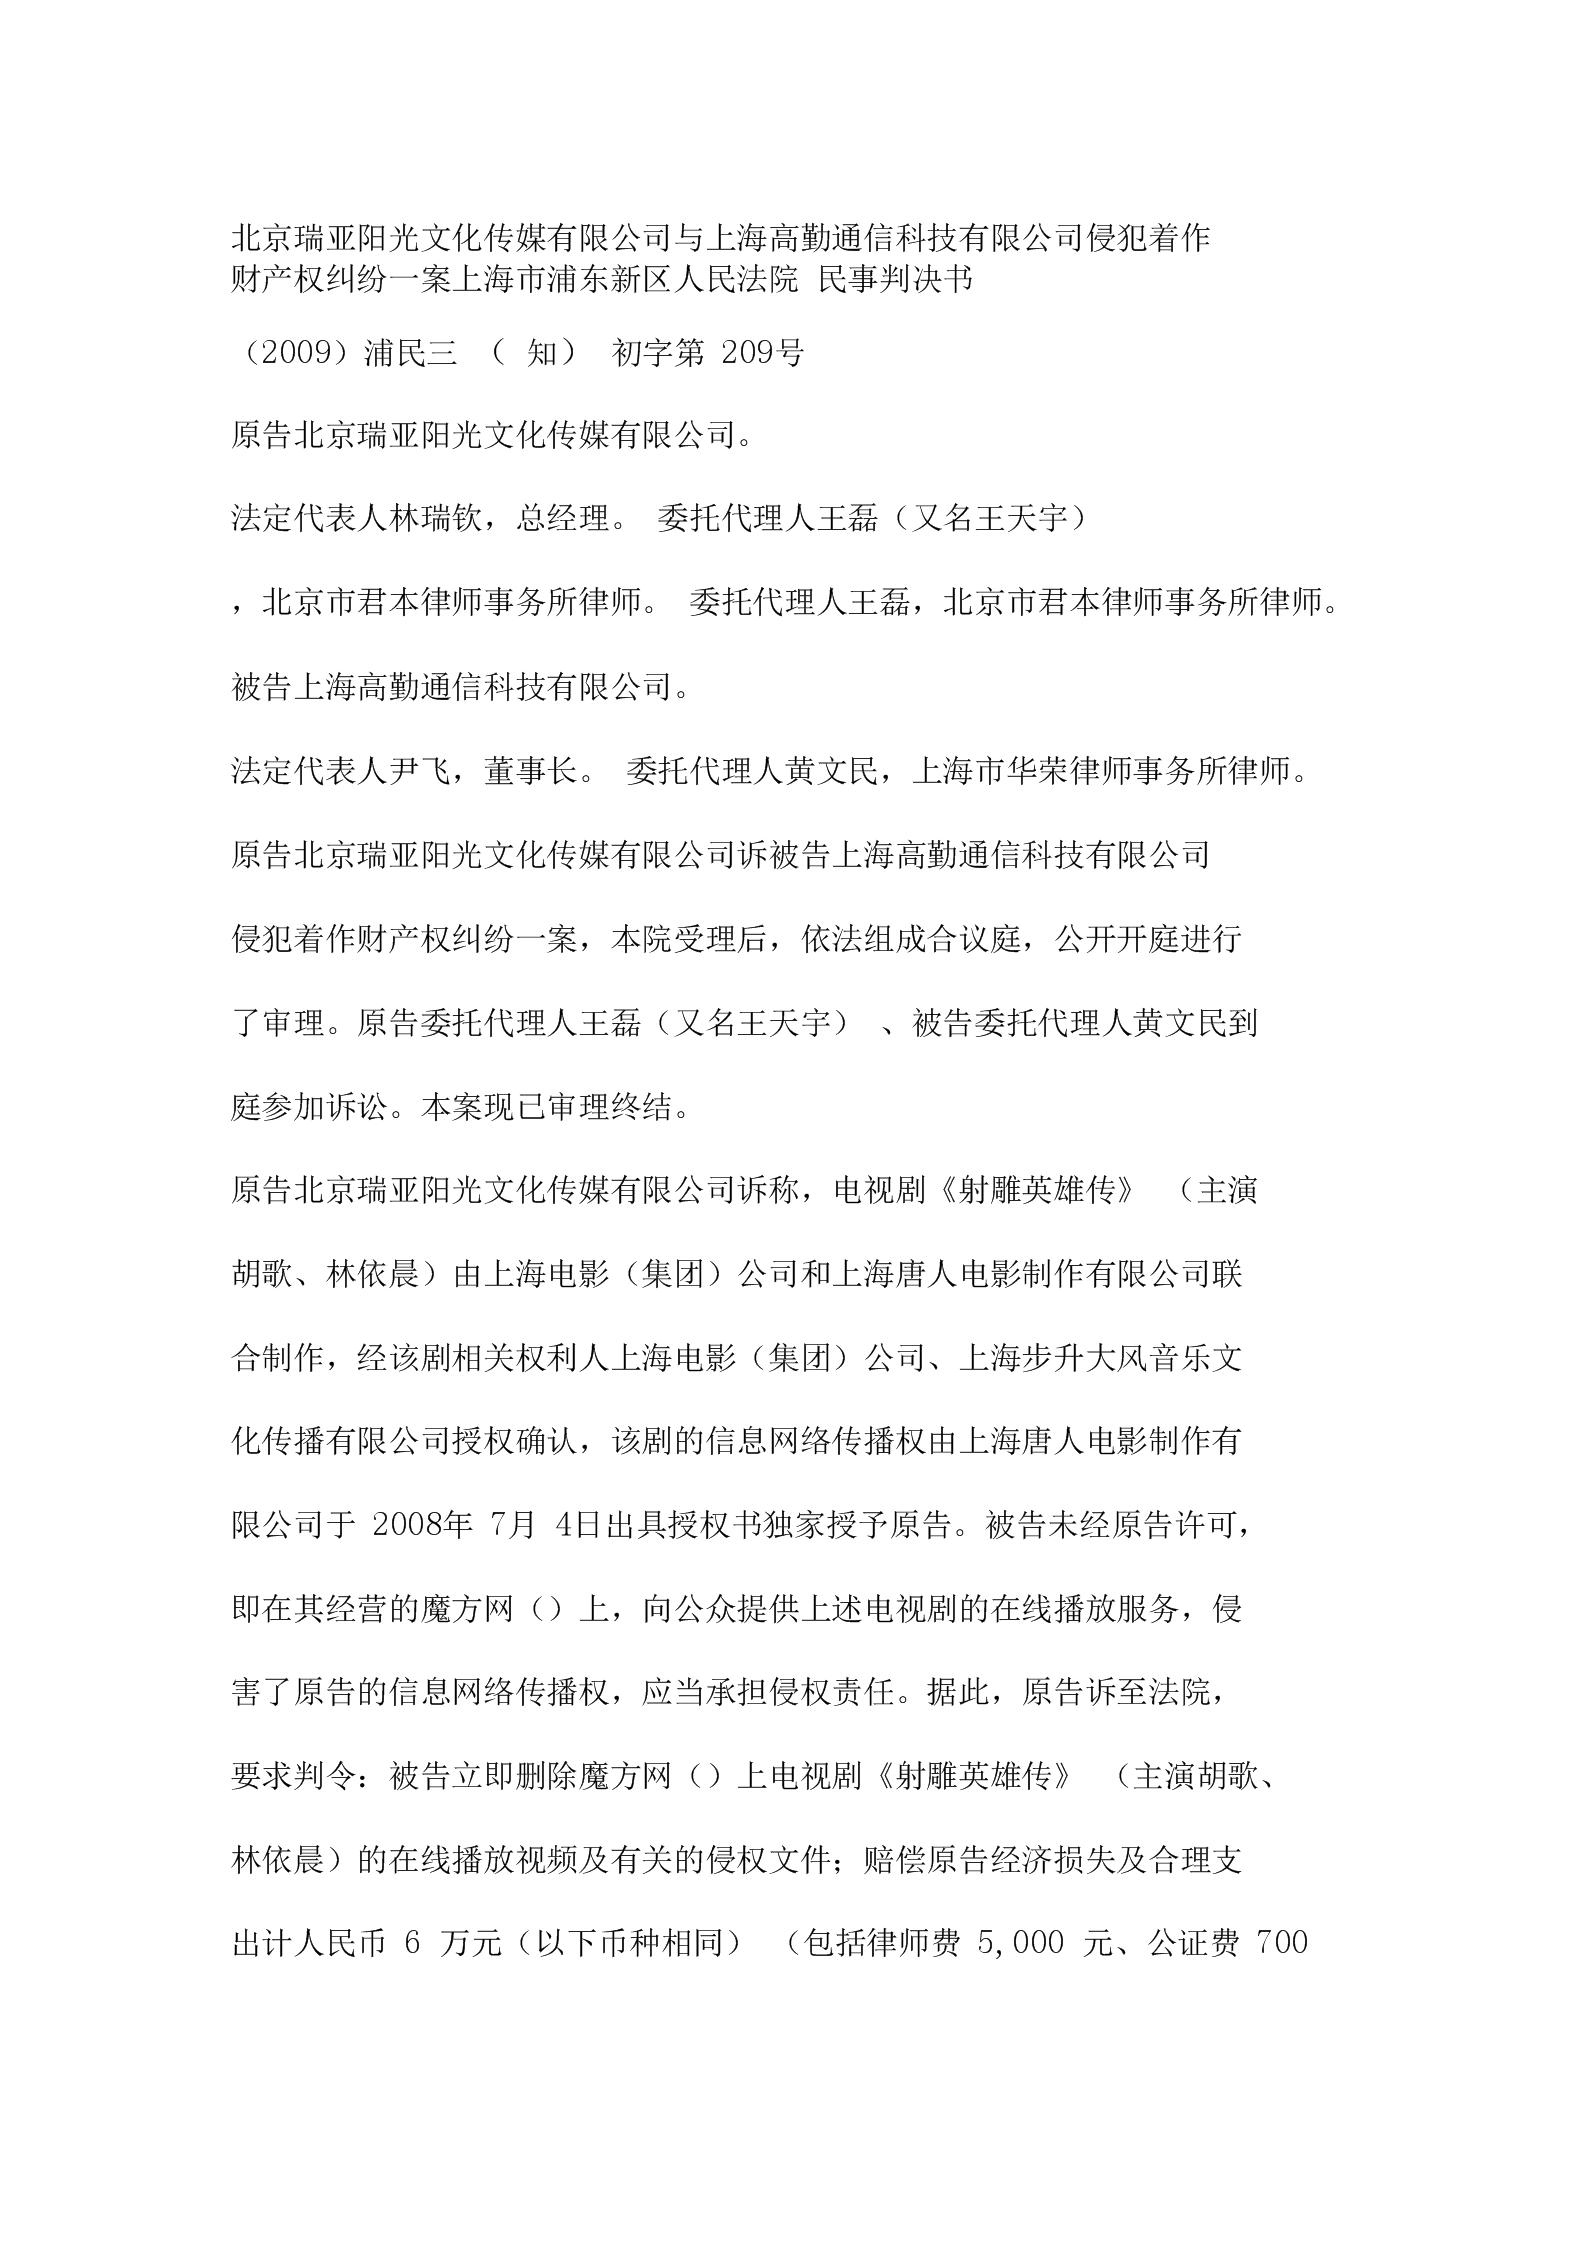 文化传媒公司与上海高勤通信科技公司侵犯著作财产权纠纷.docx